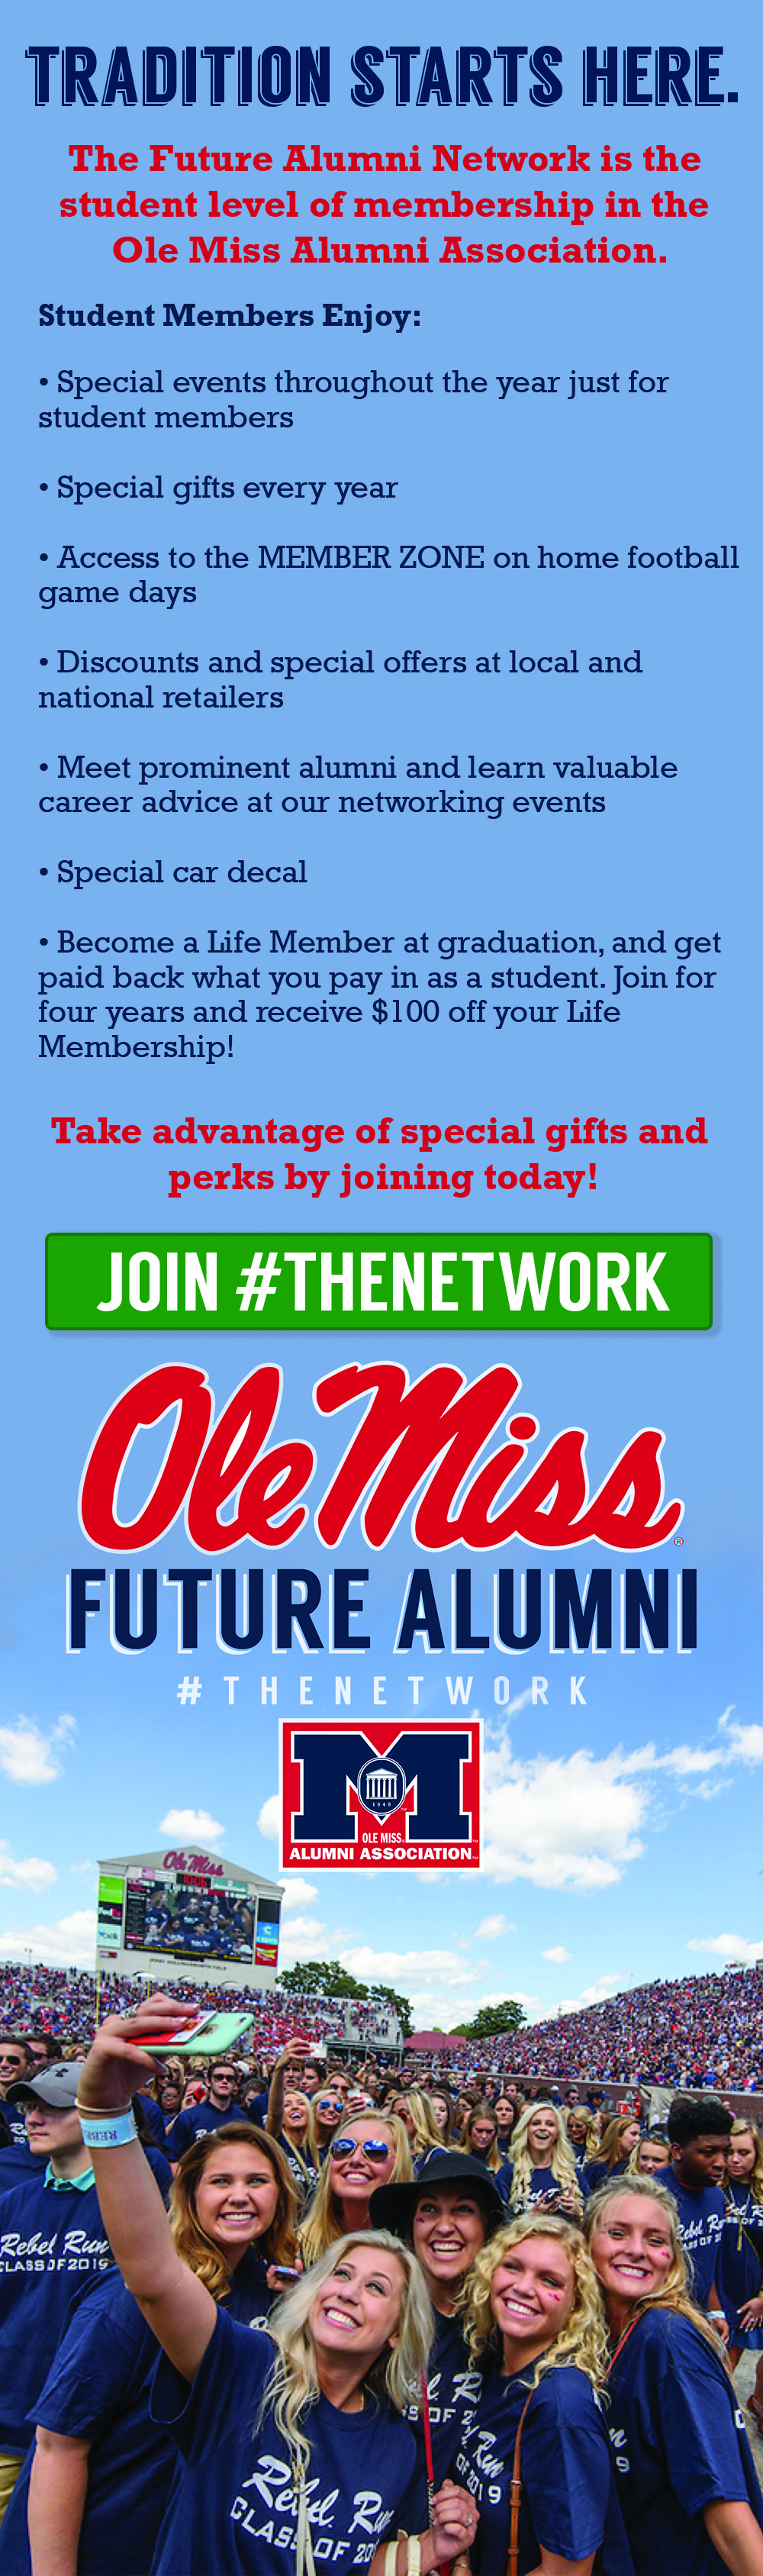 future alumni network web